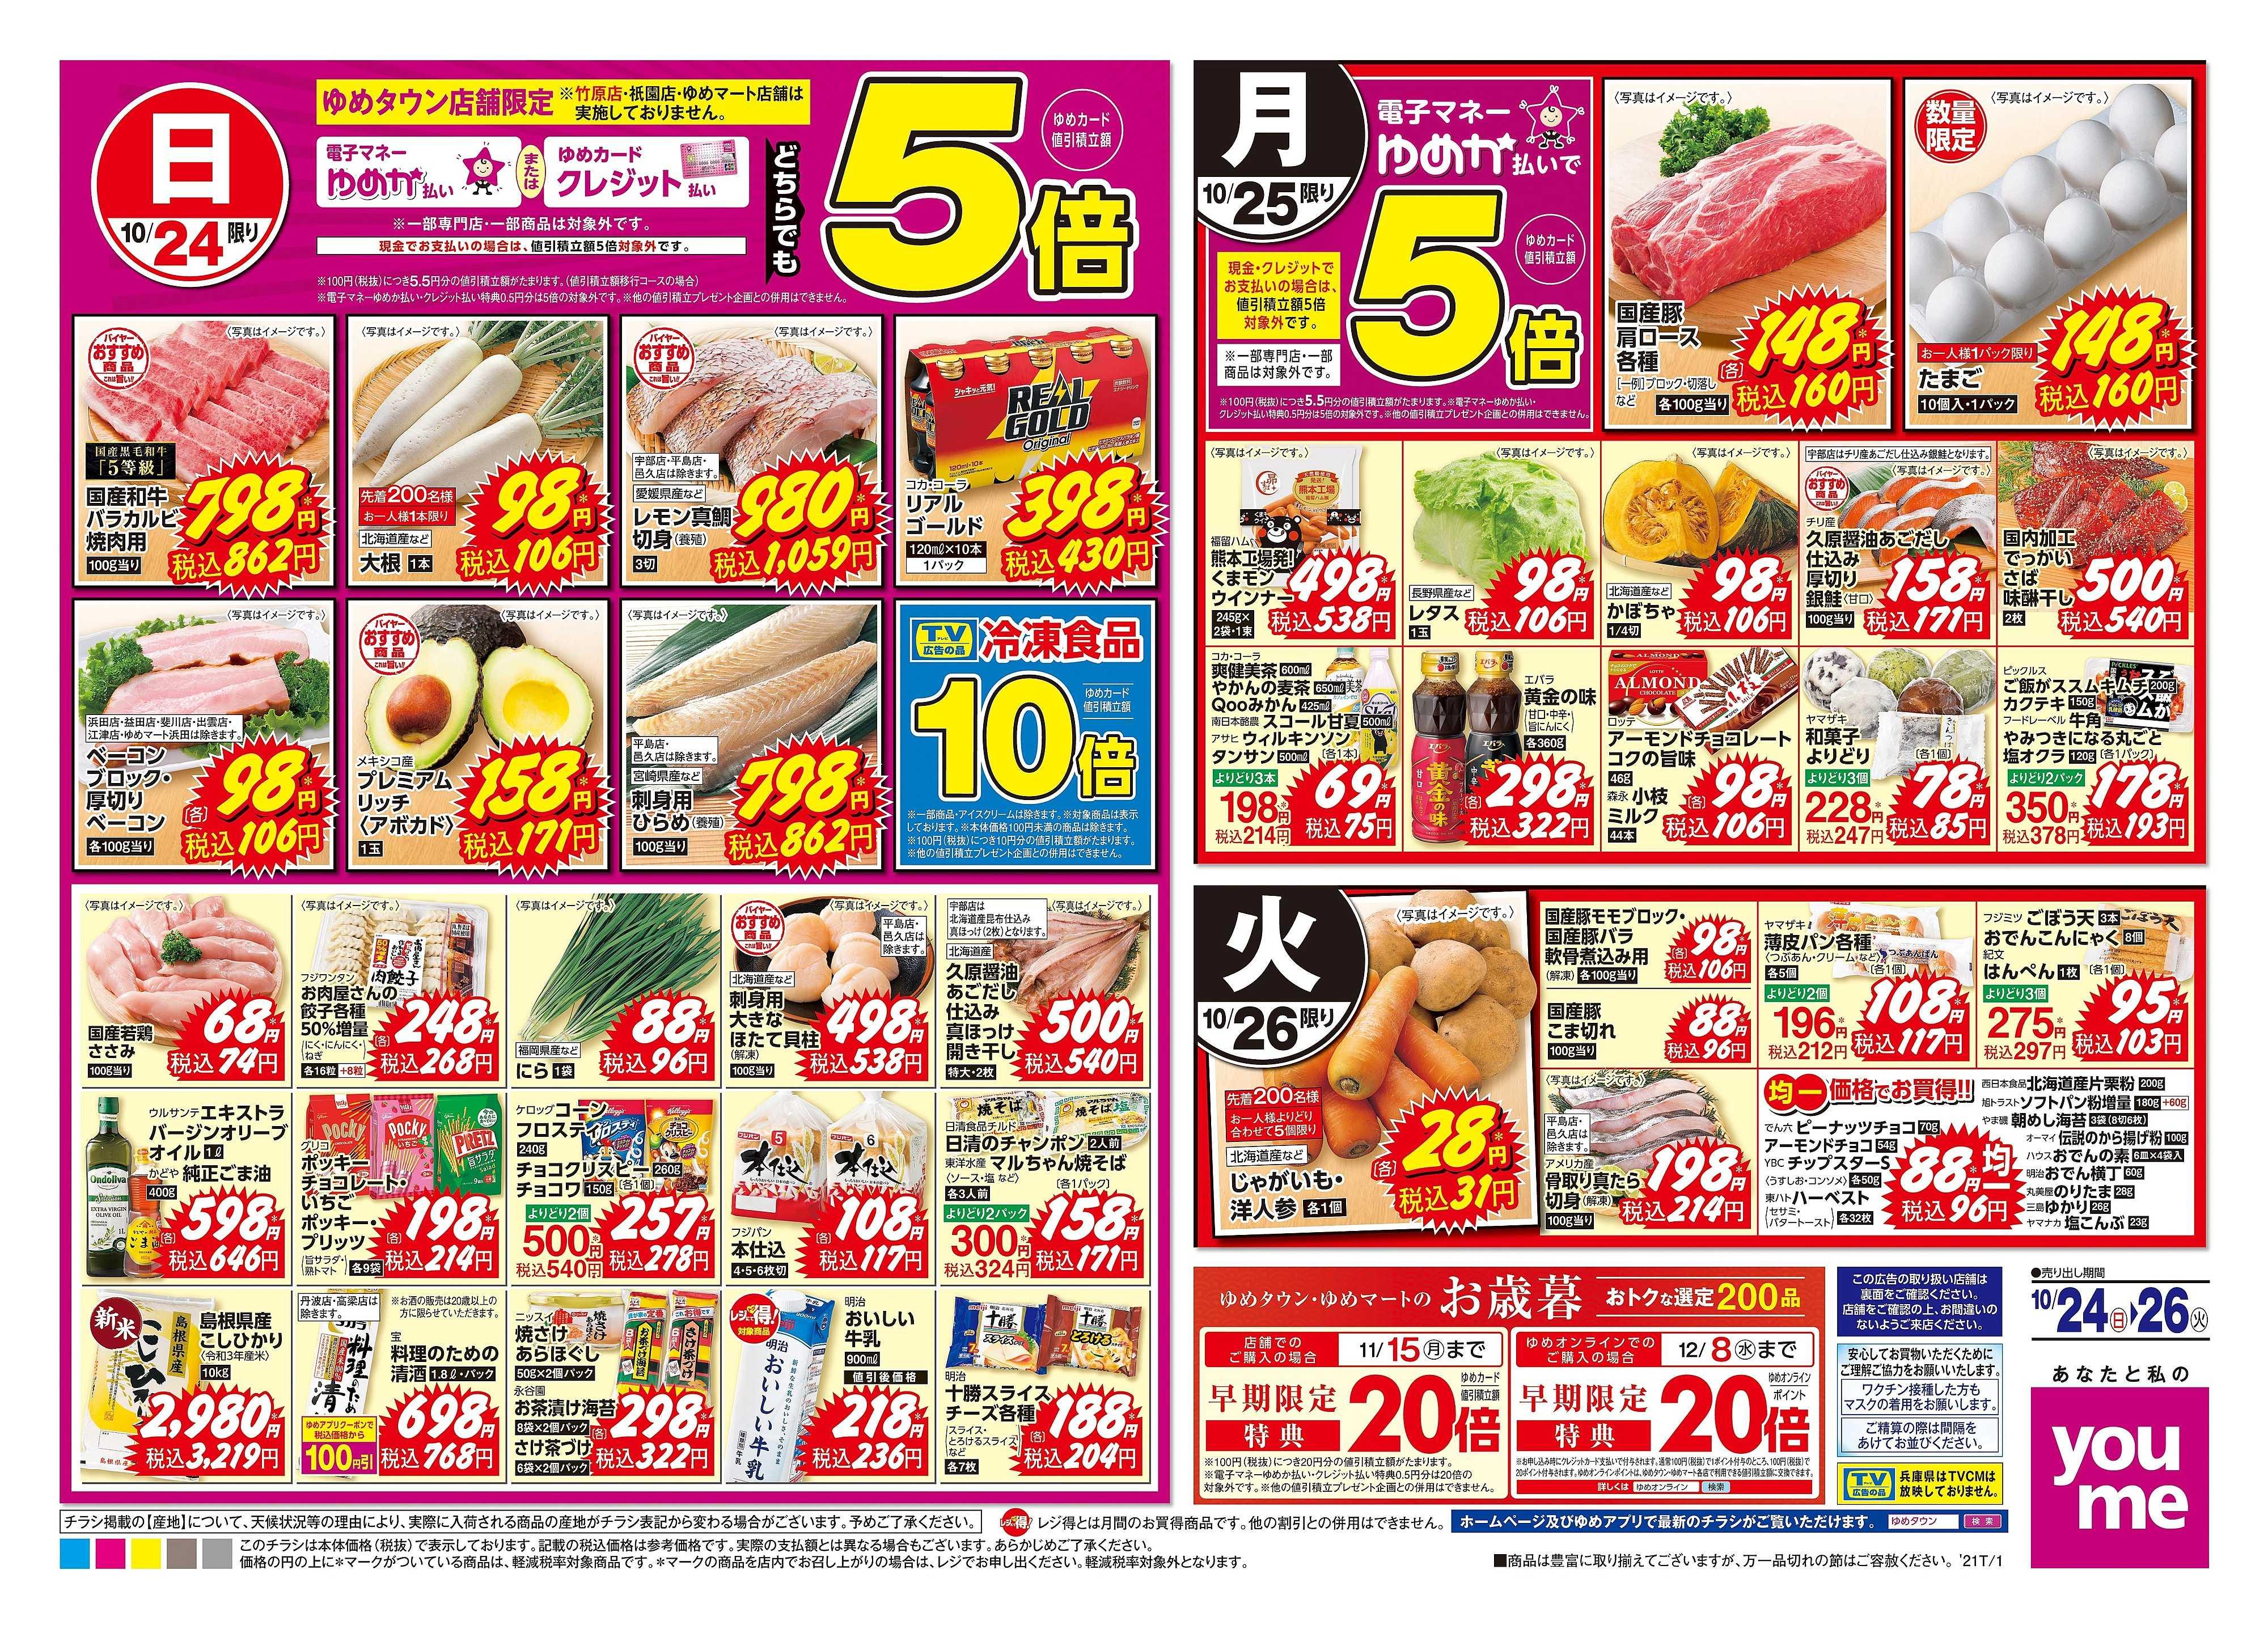 ゆめタウン 10/24(日)-10/26(火)